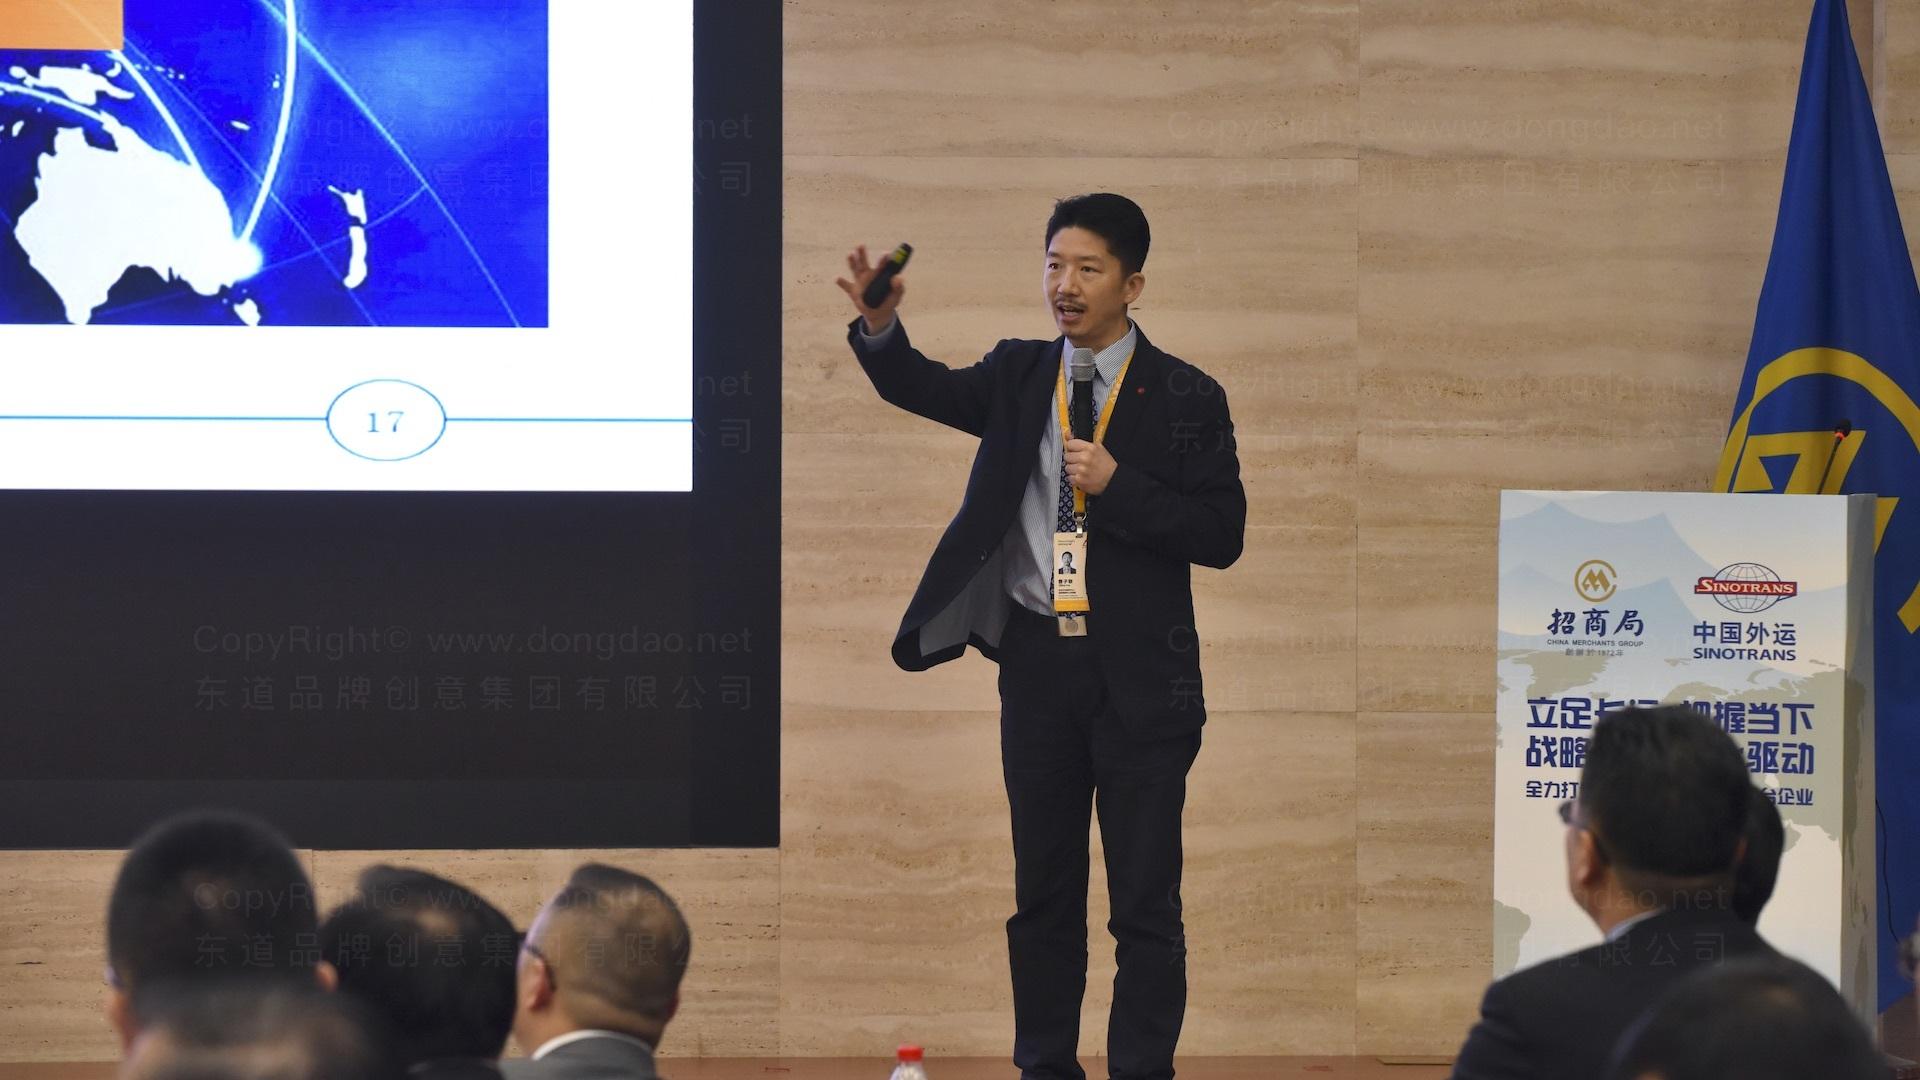 品牌战略&企业文化中国外运企业文化落地项目企业文化手册应用场景_31